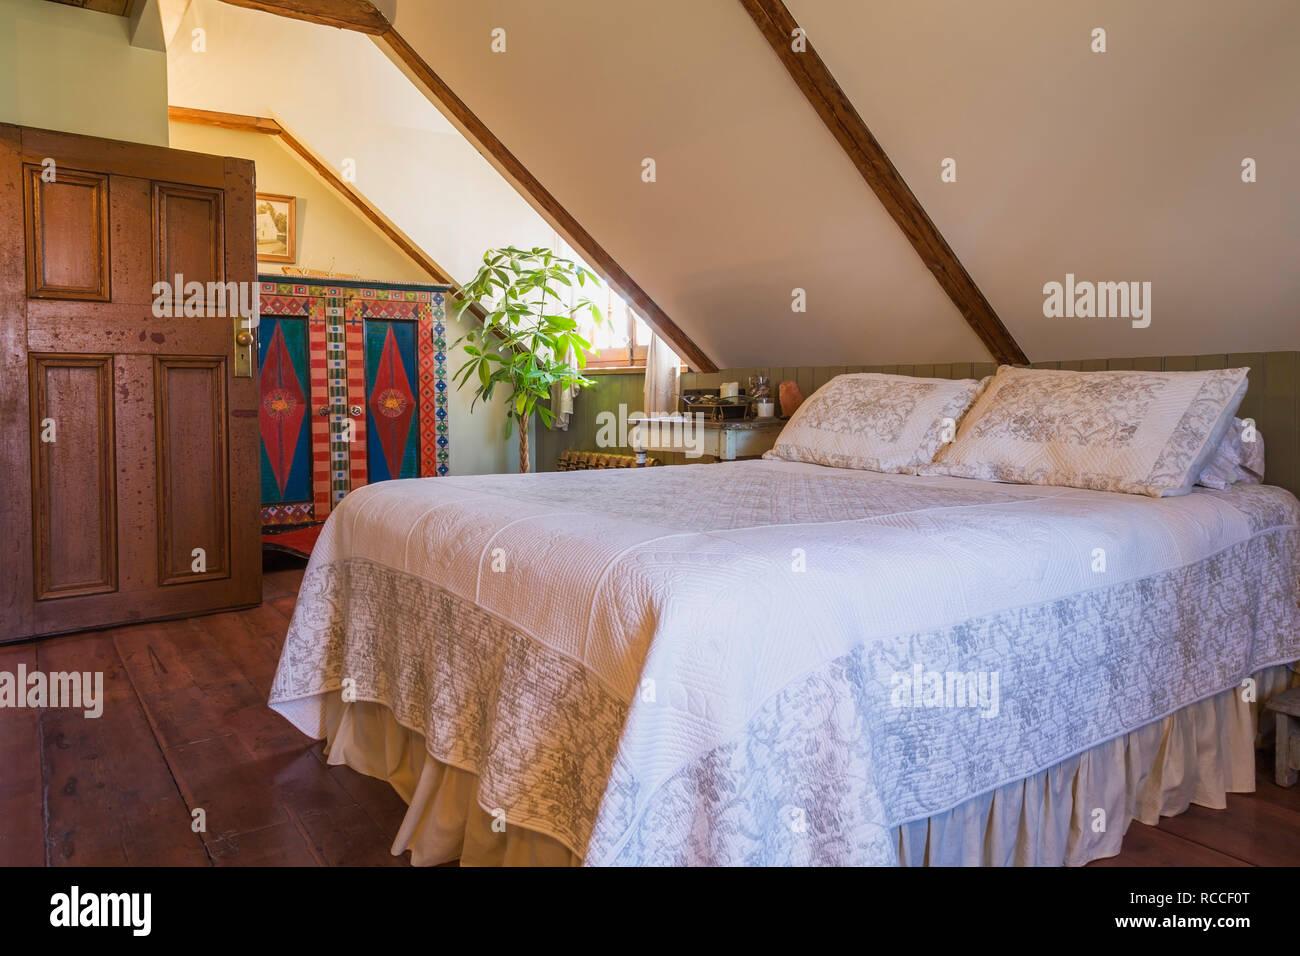 Schlafzimmer mit großem Pinienwald Dielen, Queensize-Bett ...